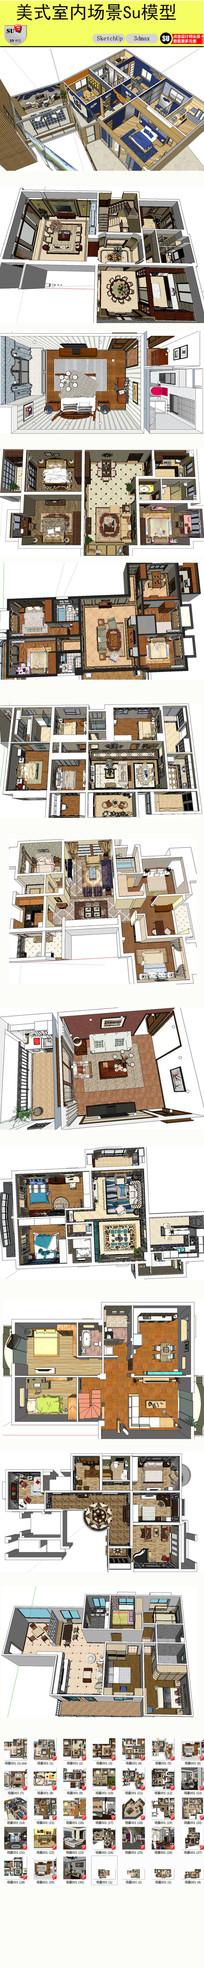 美式室内设计场景SU模型